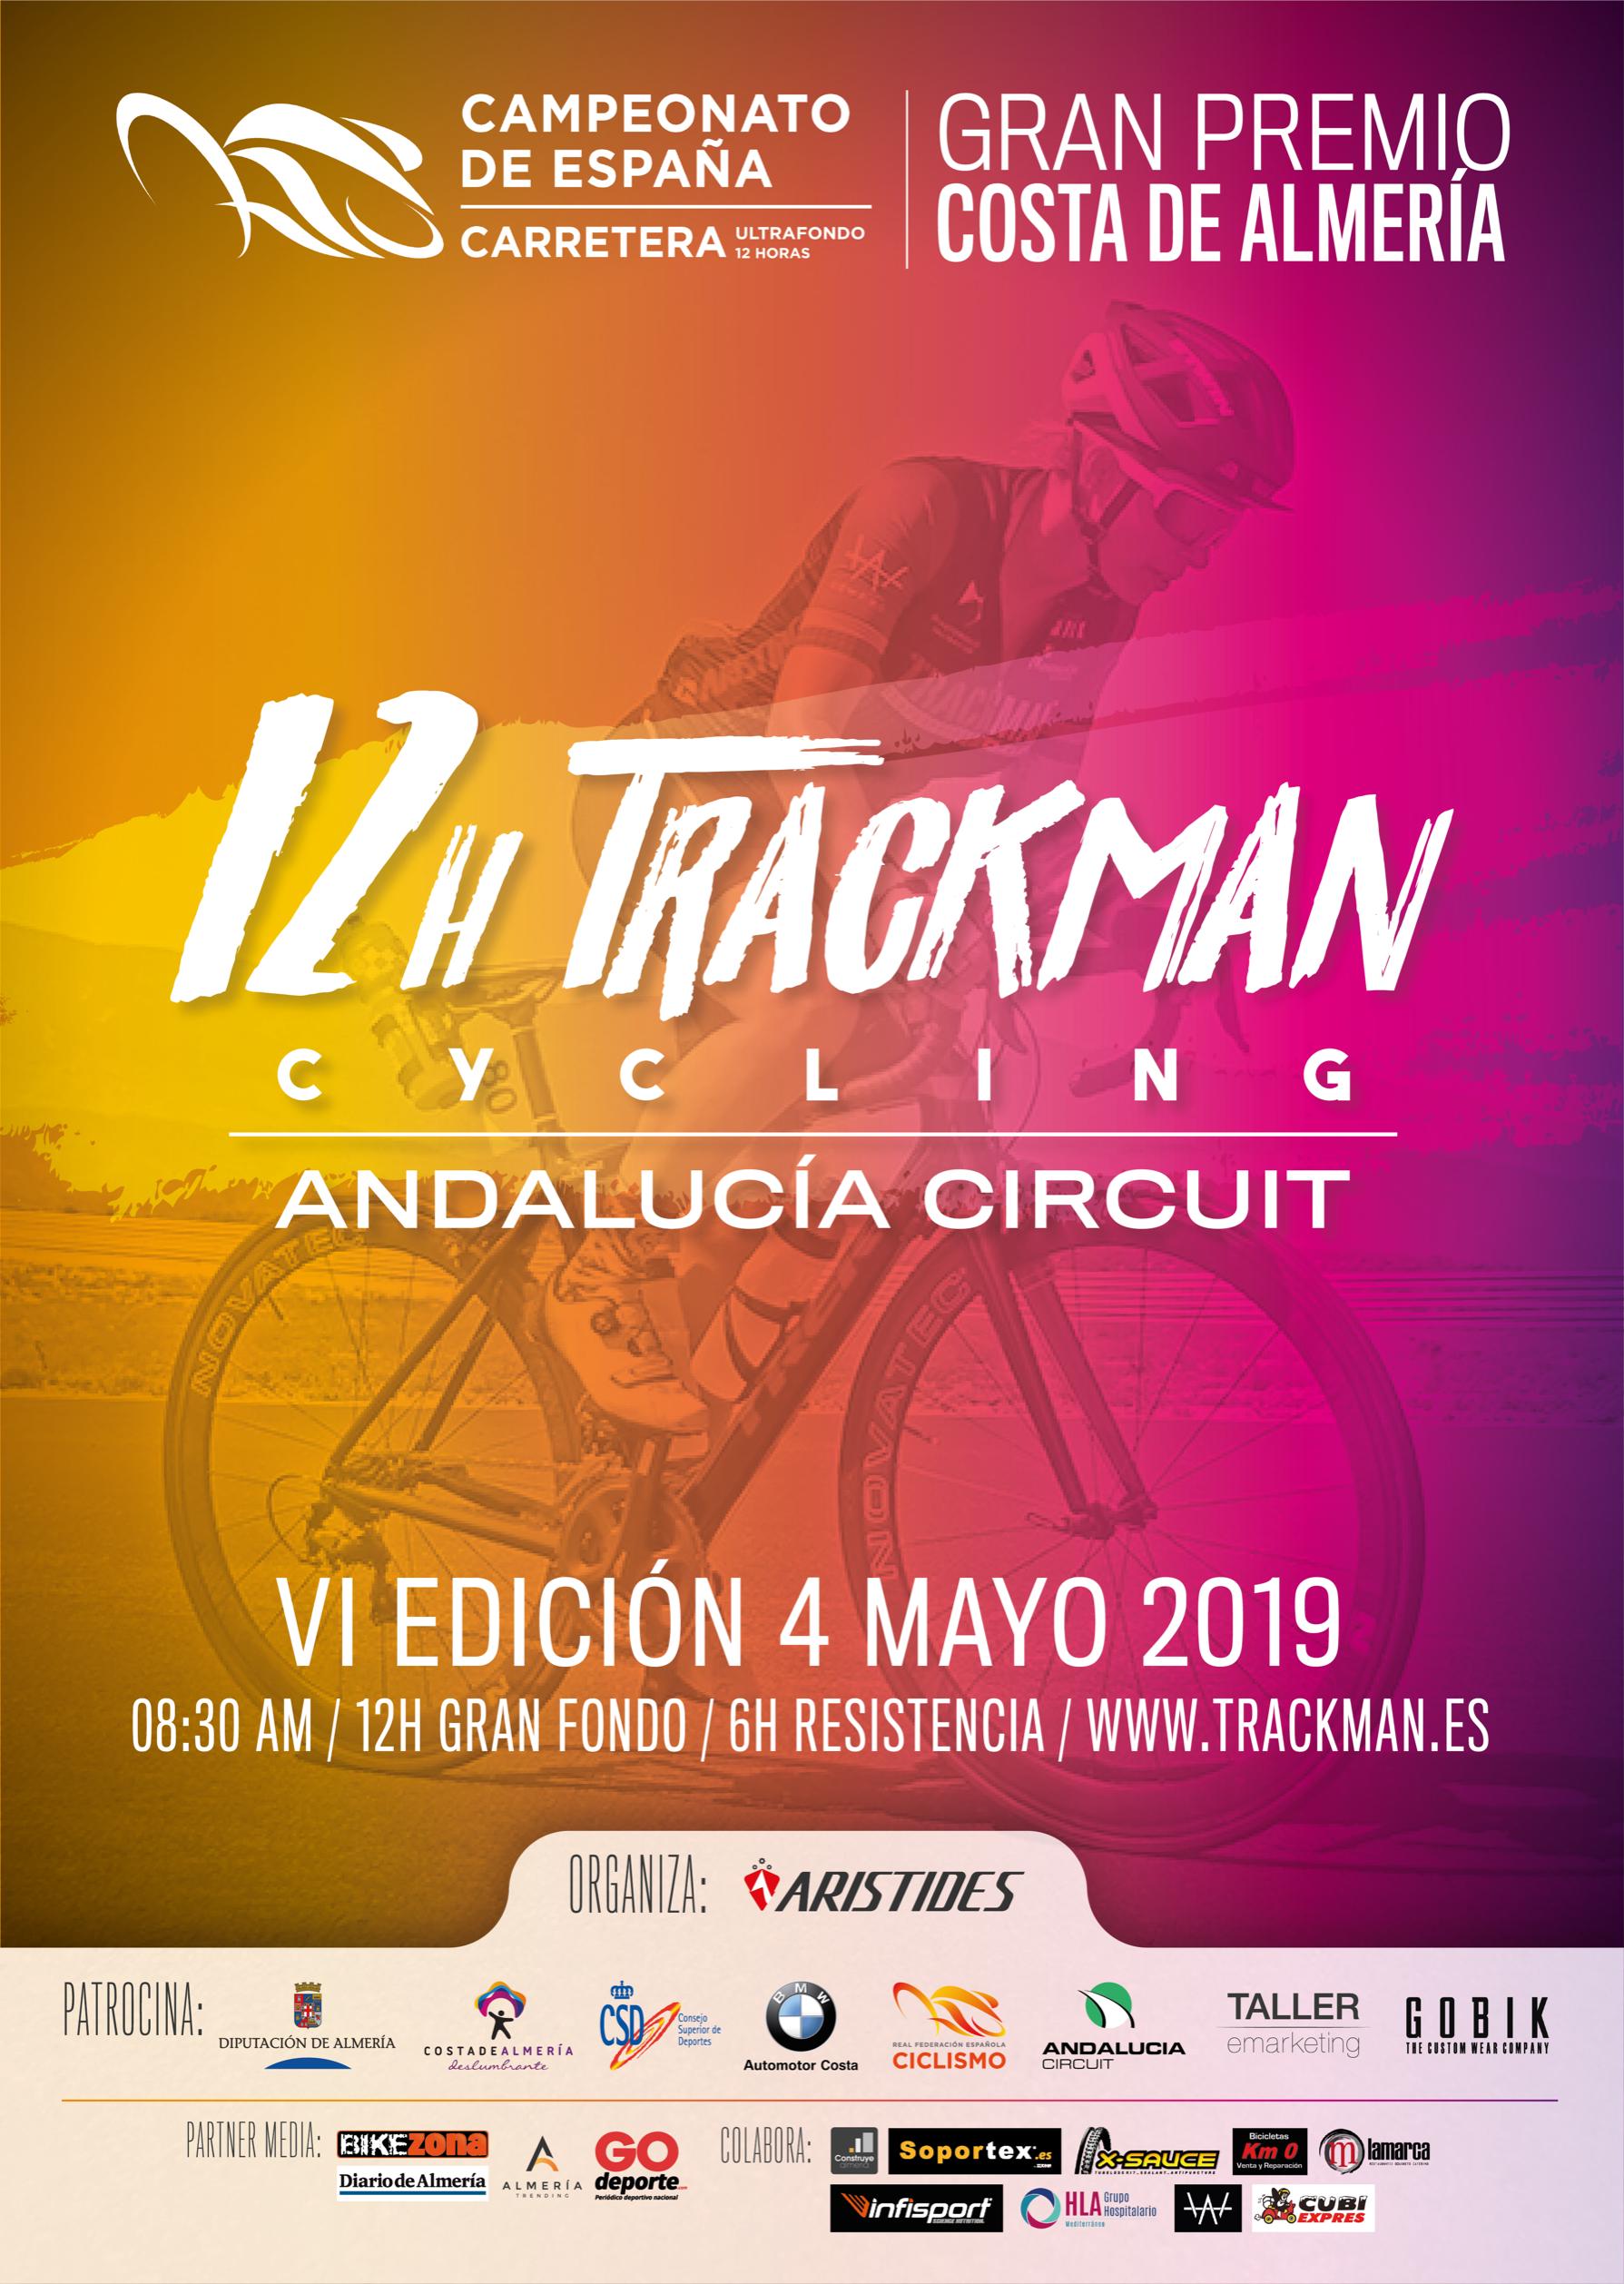 Andalucia Ciclismo Calendario.Vi 12h Trackman Cycling Andalucia Circuit 2019 Pista El 4 De